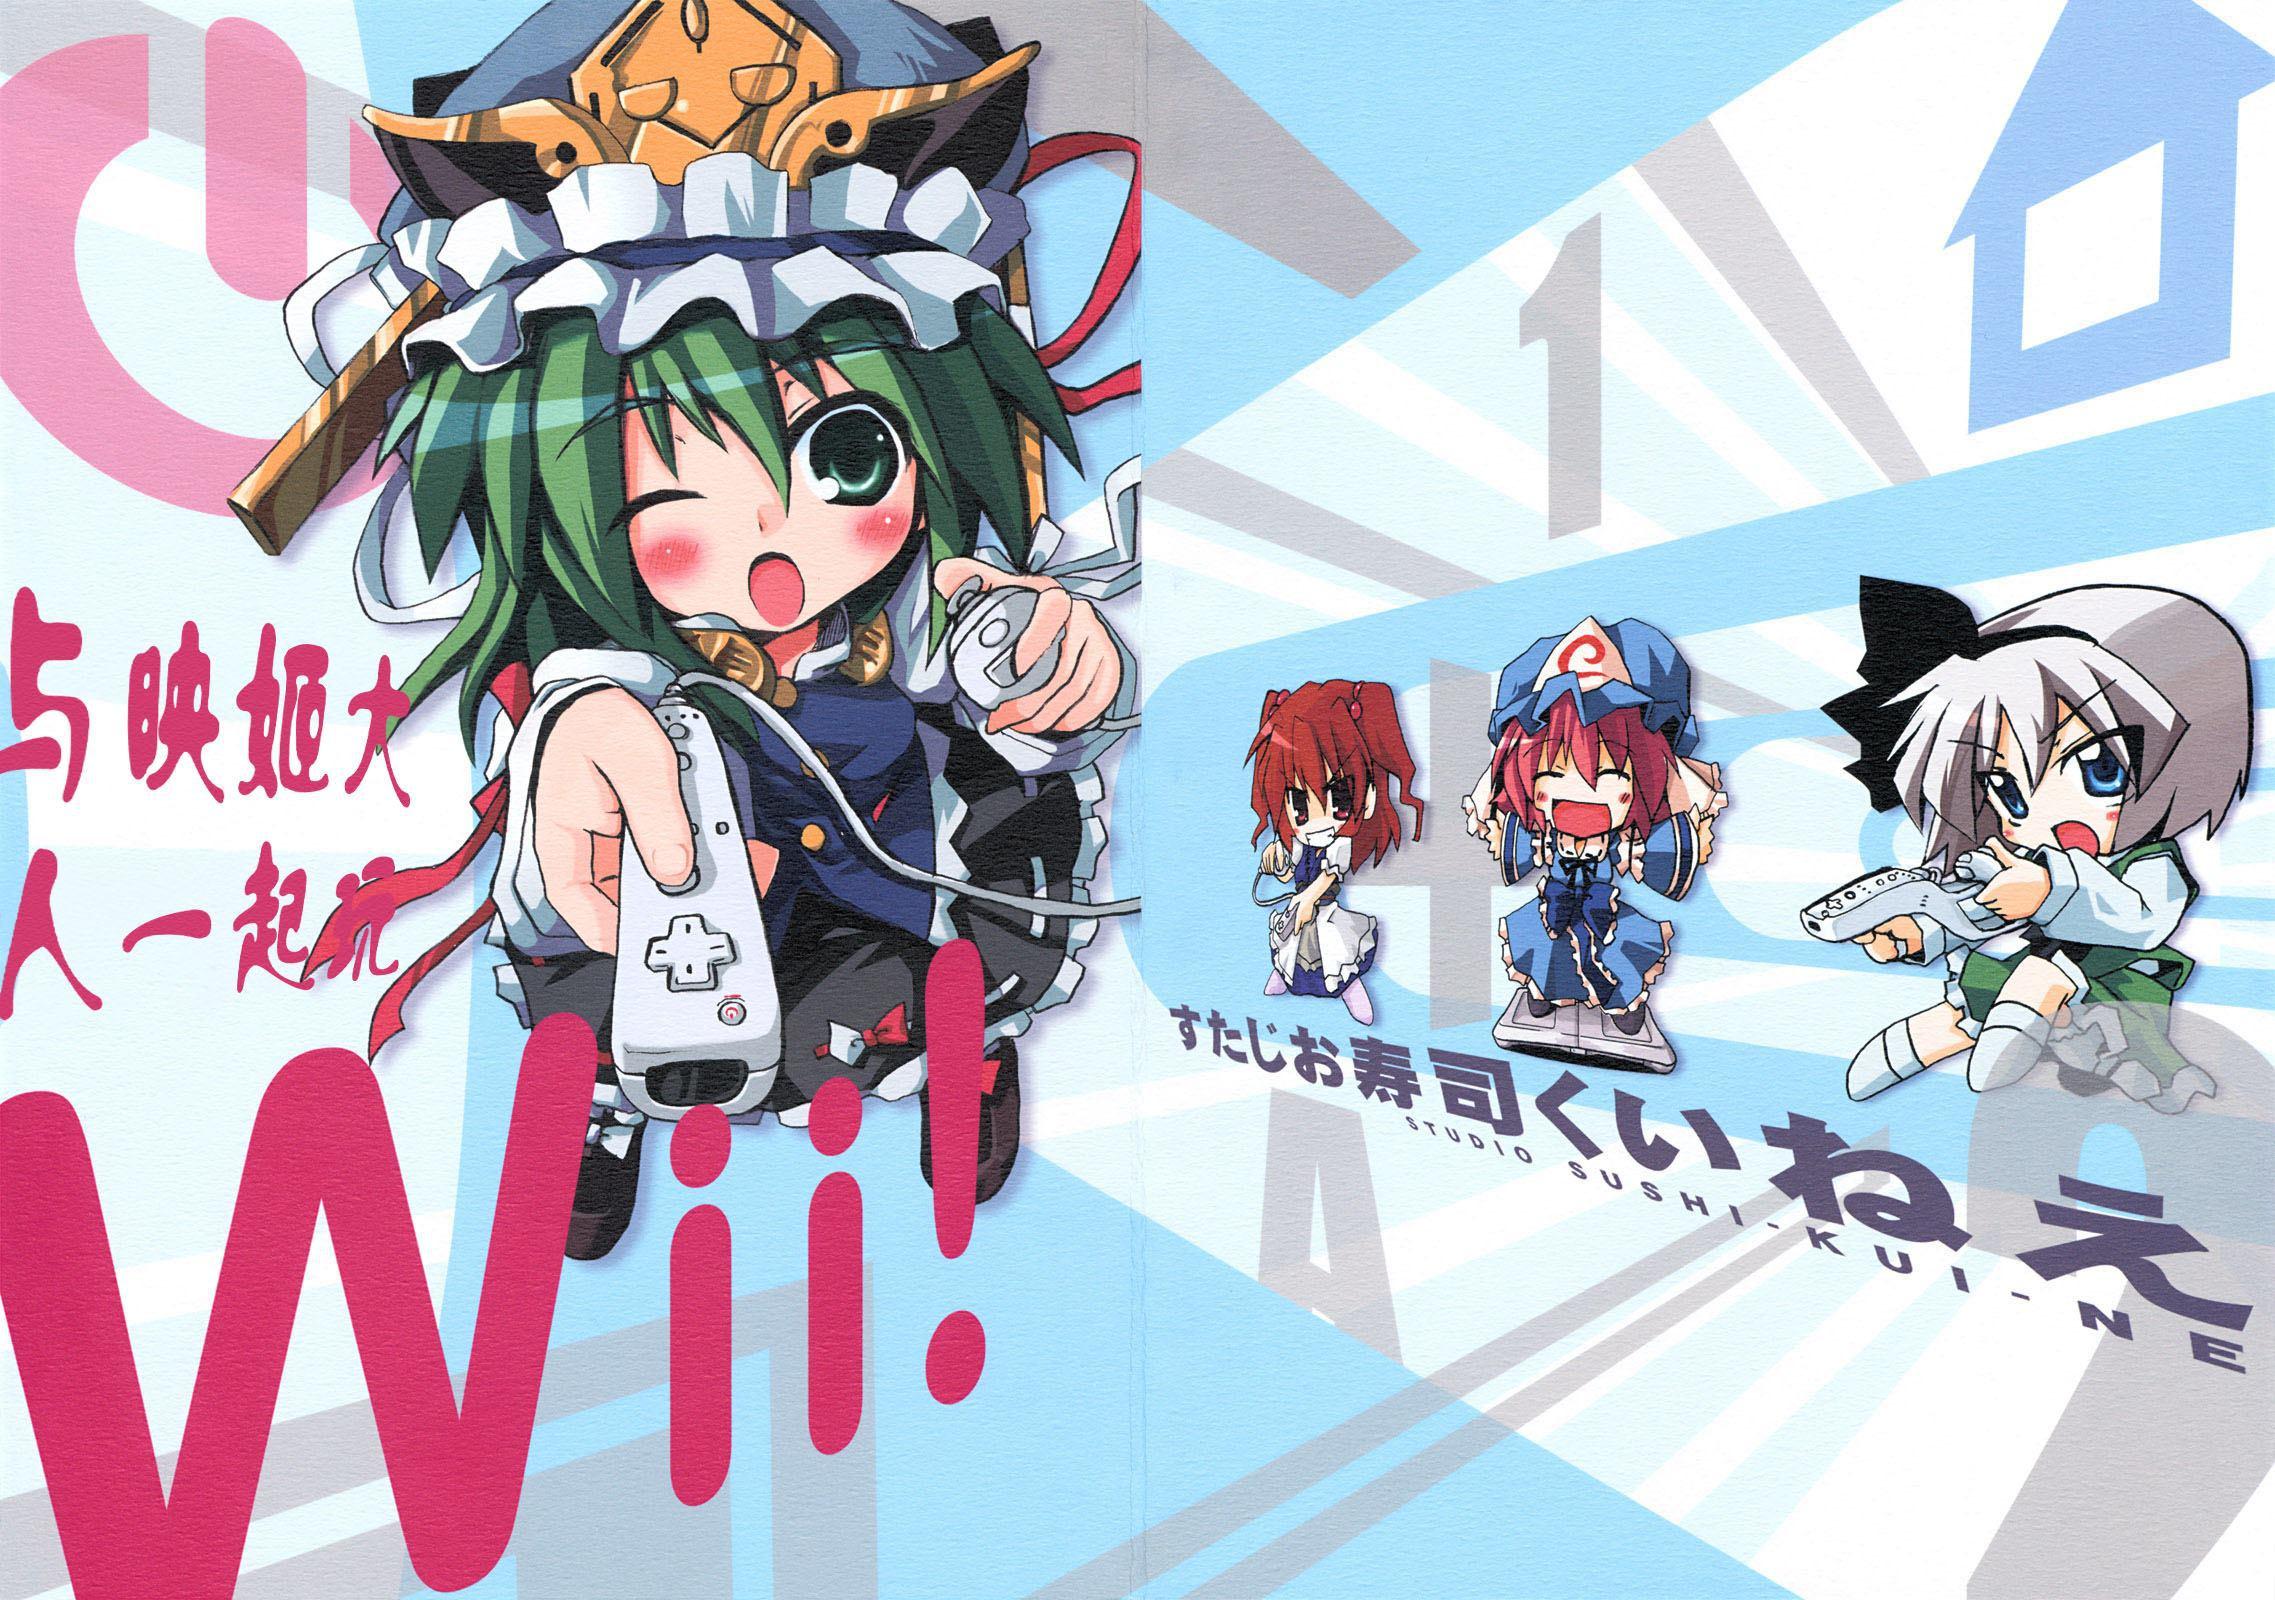 与映姬大人一起玩Wii! - 第1话 - 1